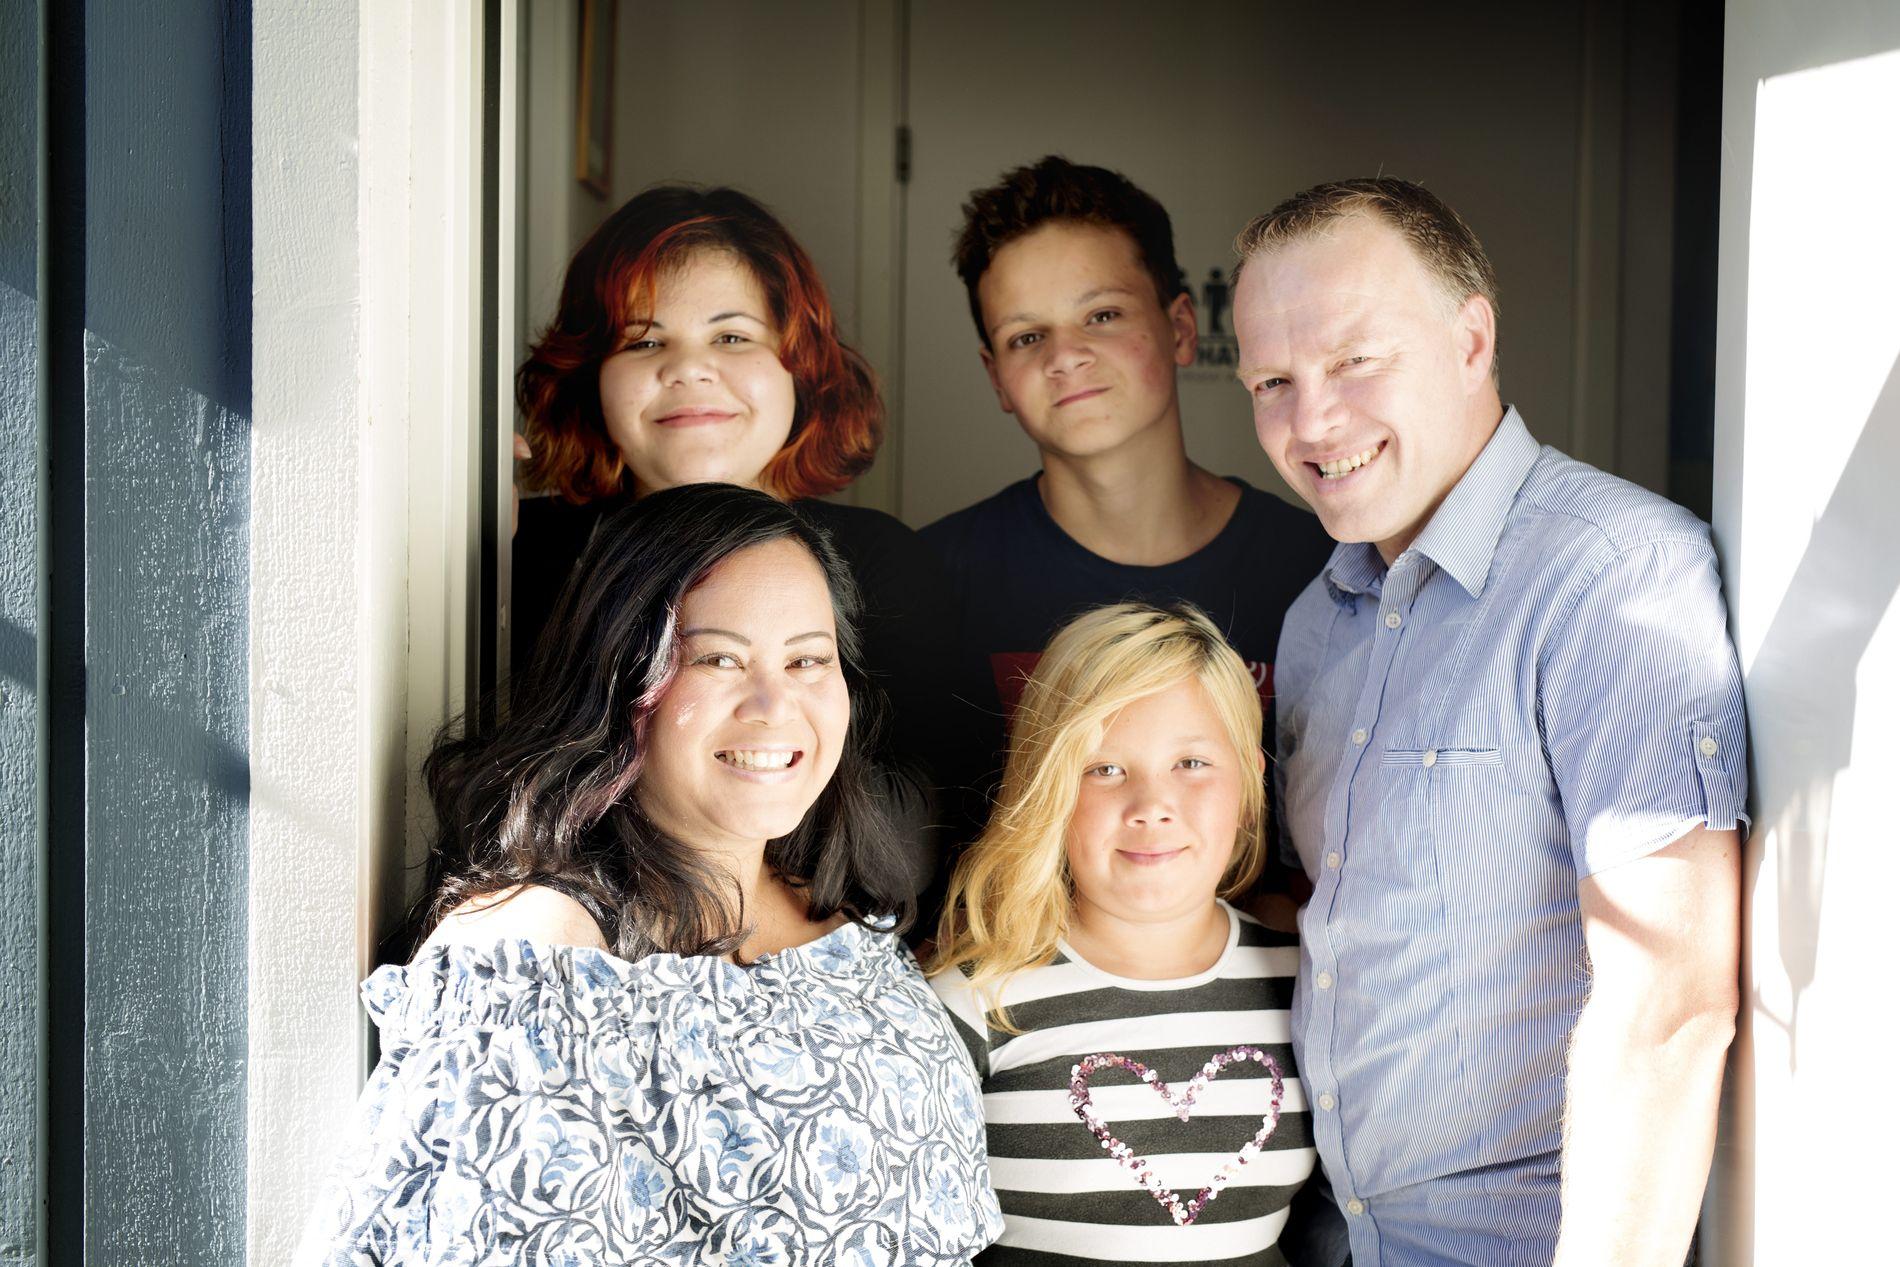 FIKK KABALEN TIL Å GÅ OPP: Maria Åkesson og samboer Martin Erlandsson med tre av barna.